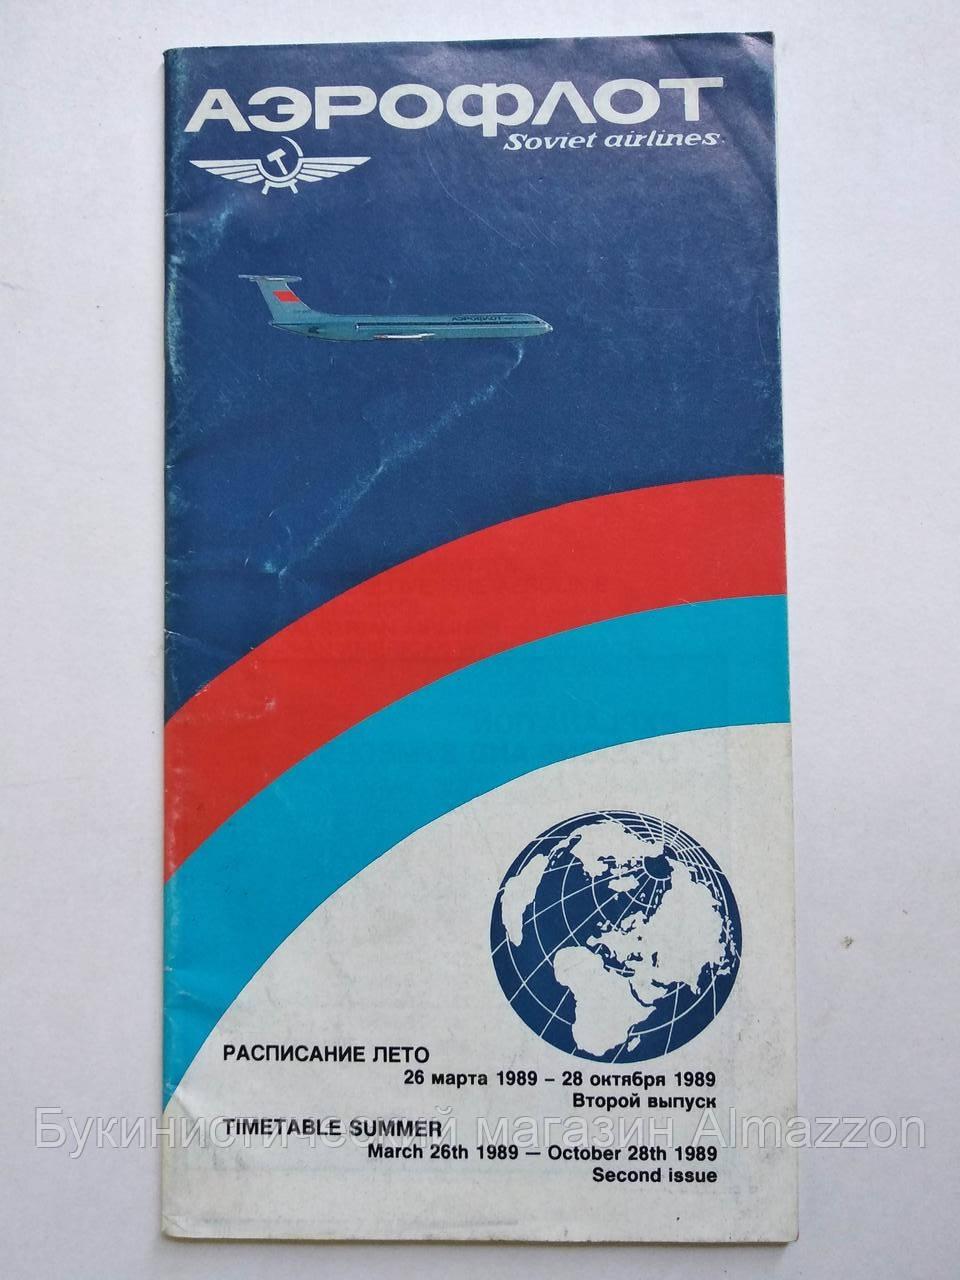 Аэрофлот Расписание 26.03.1989 по 28.10.1989  буклет